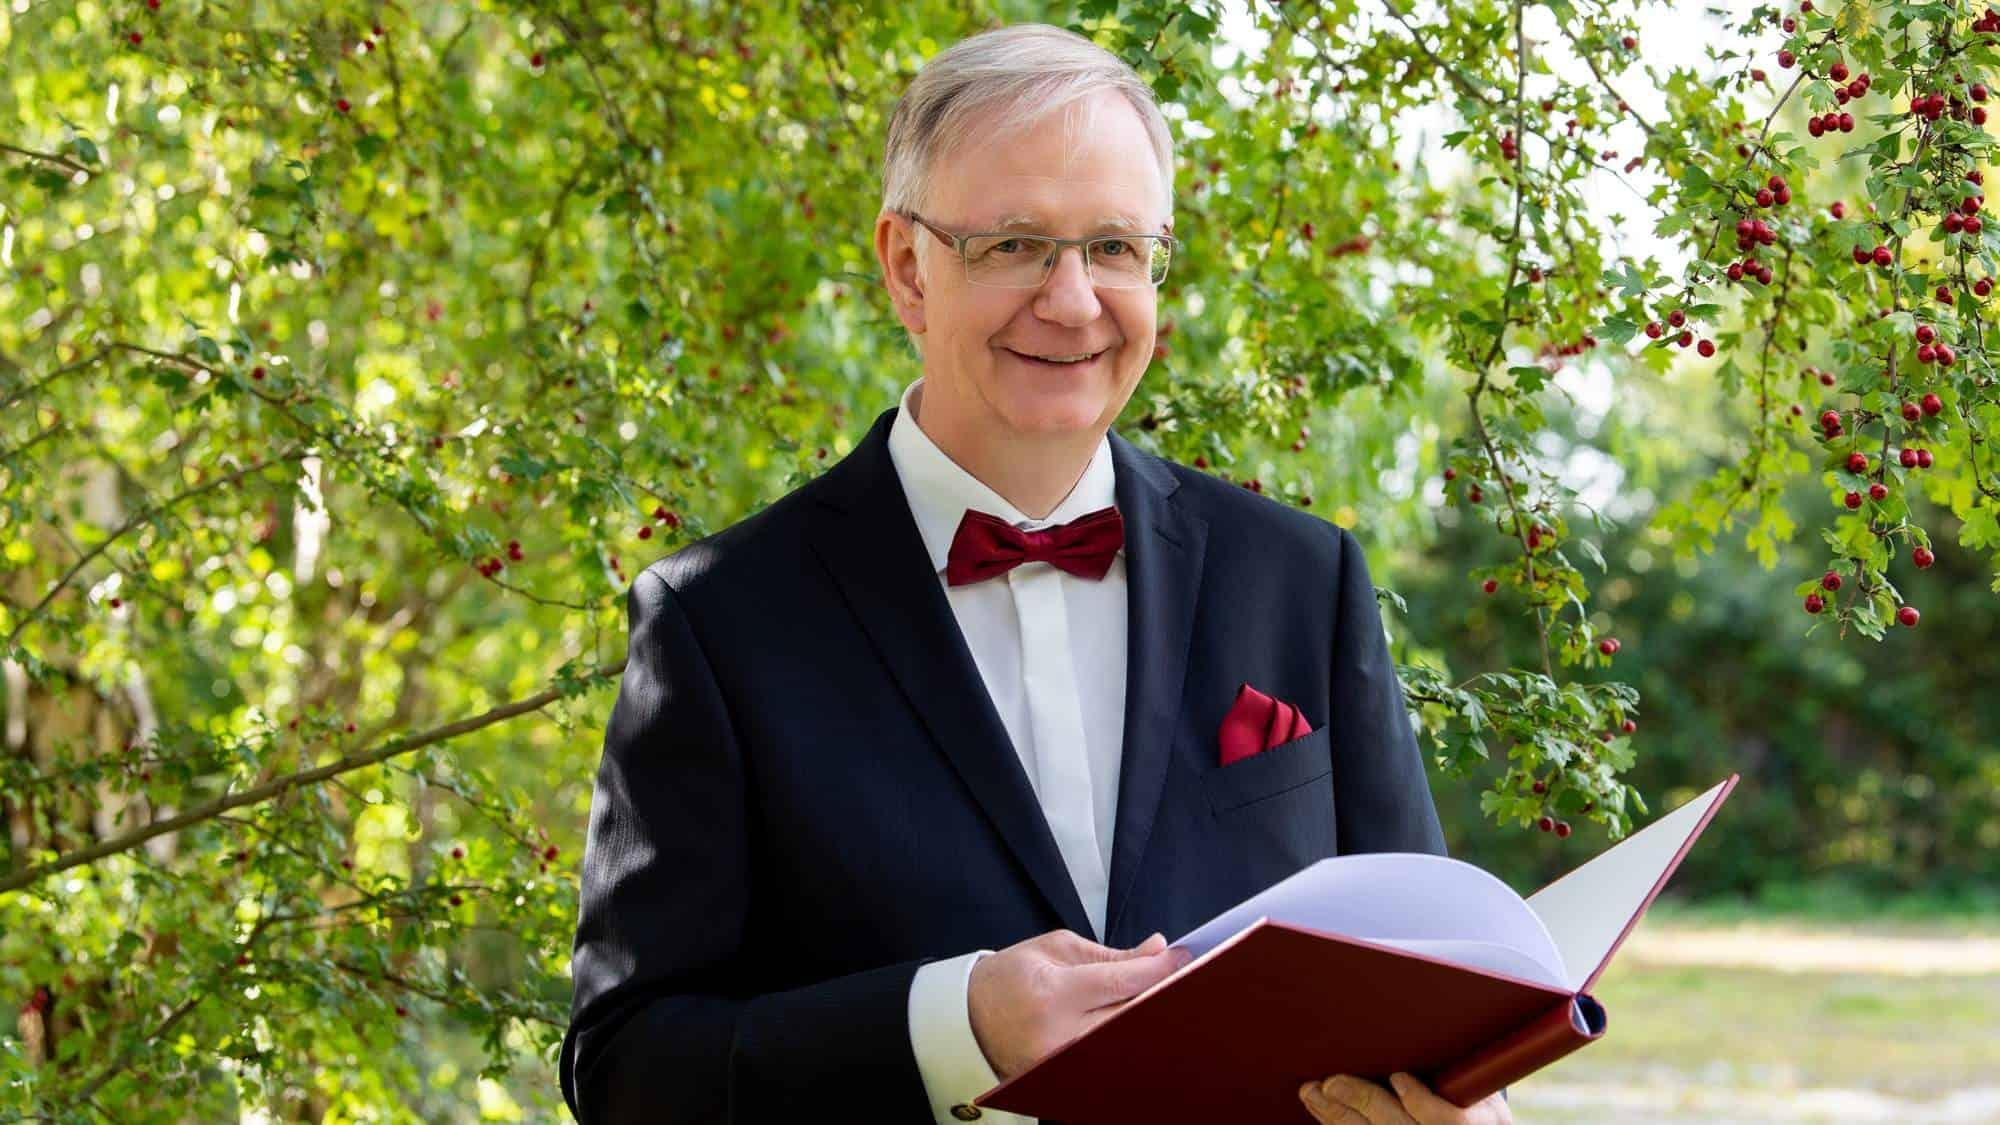 Trauredner und freier Theologe